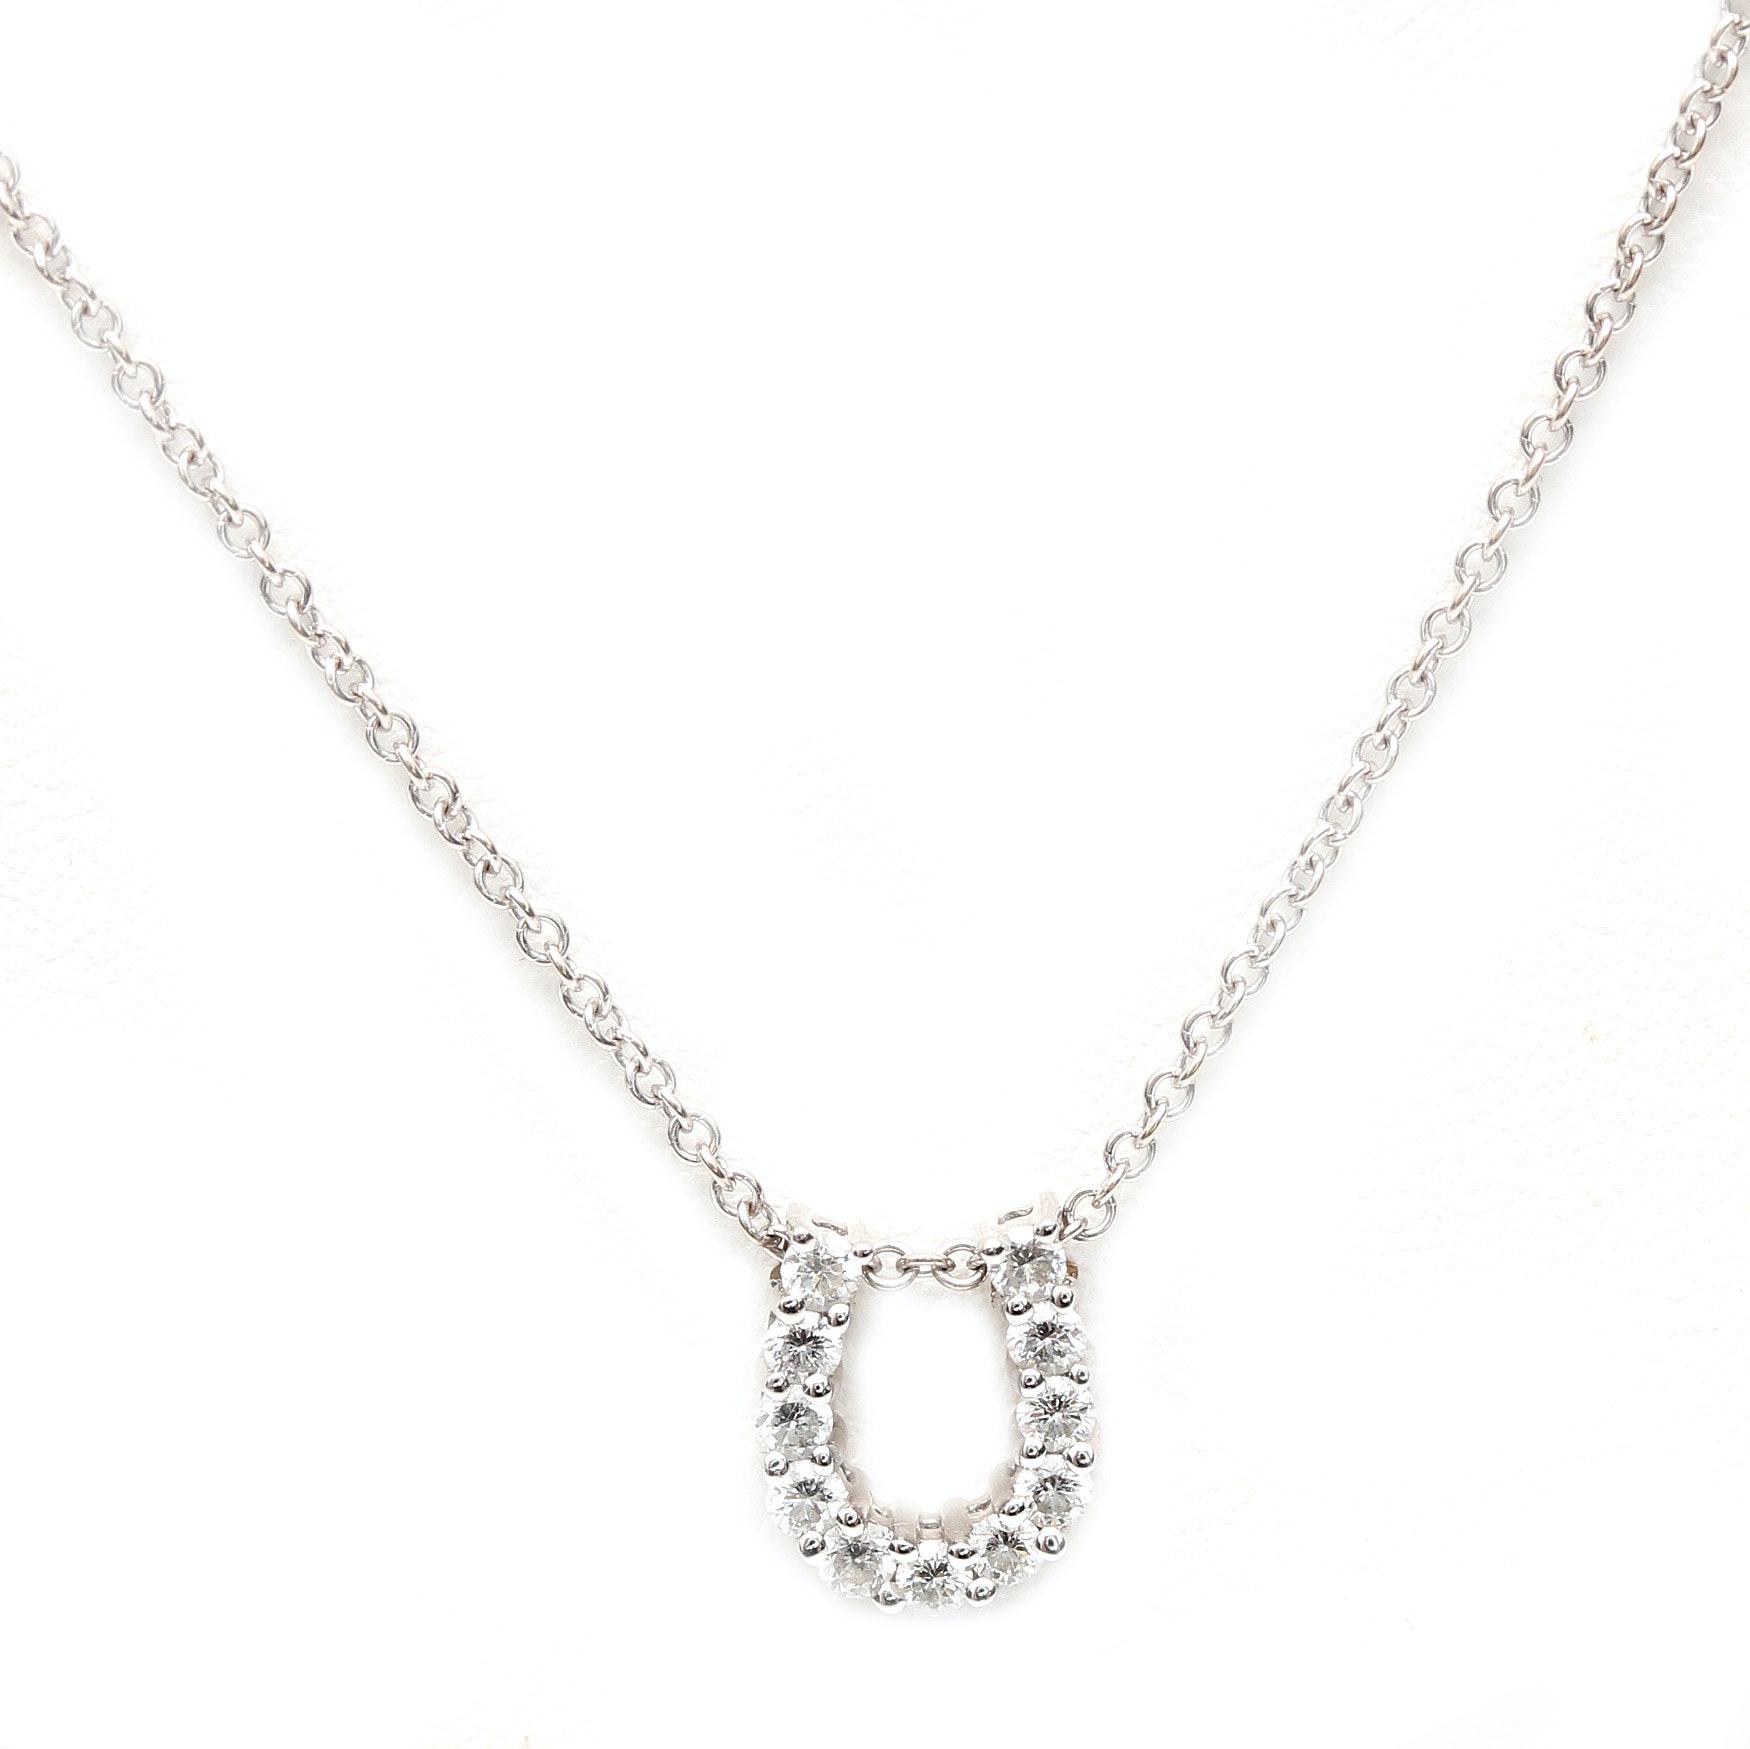 18K White Gold Diamond Horseshoe Pendant Necklace